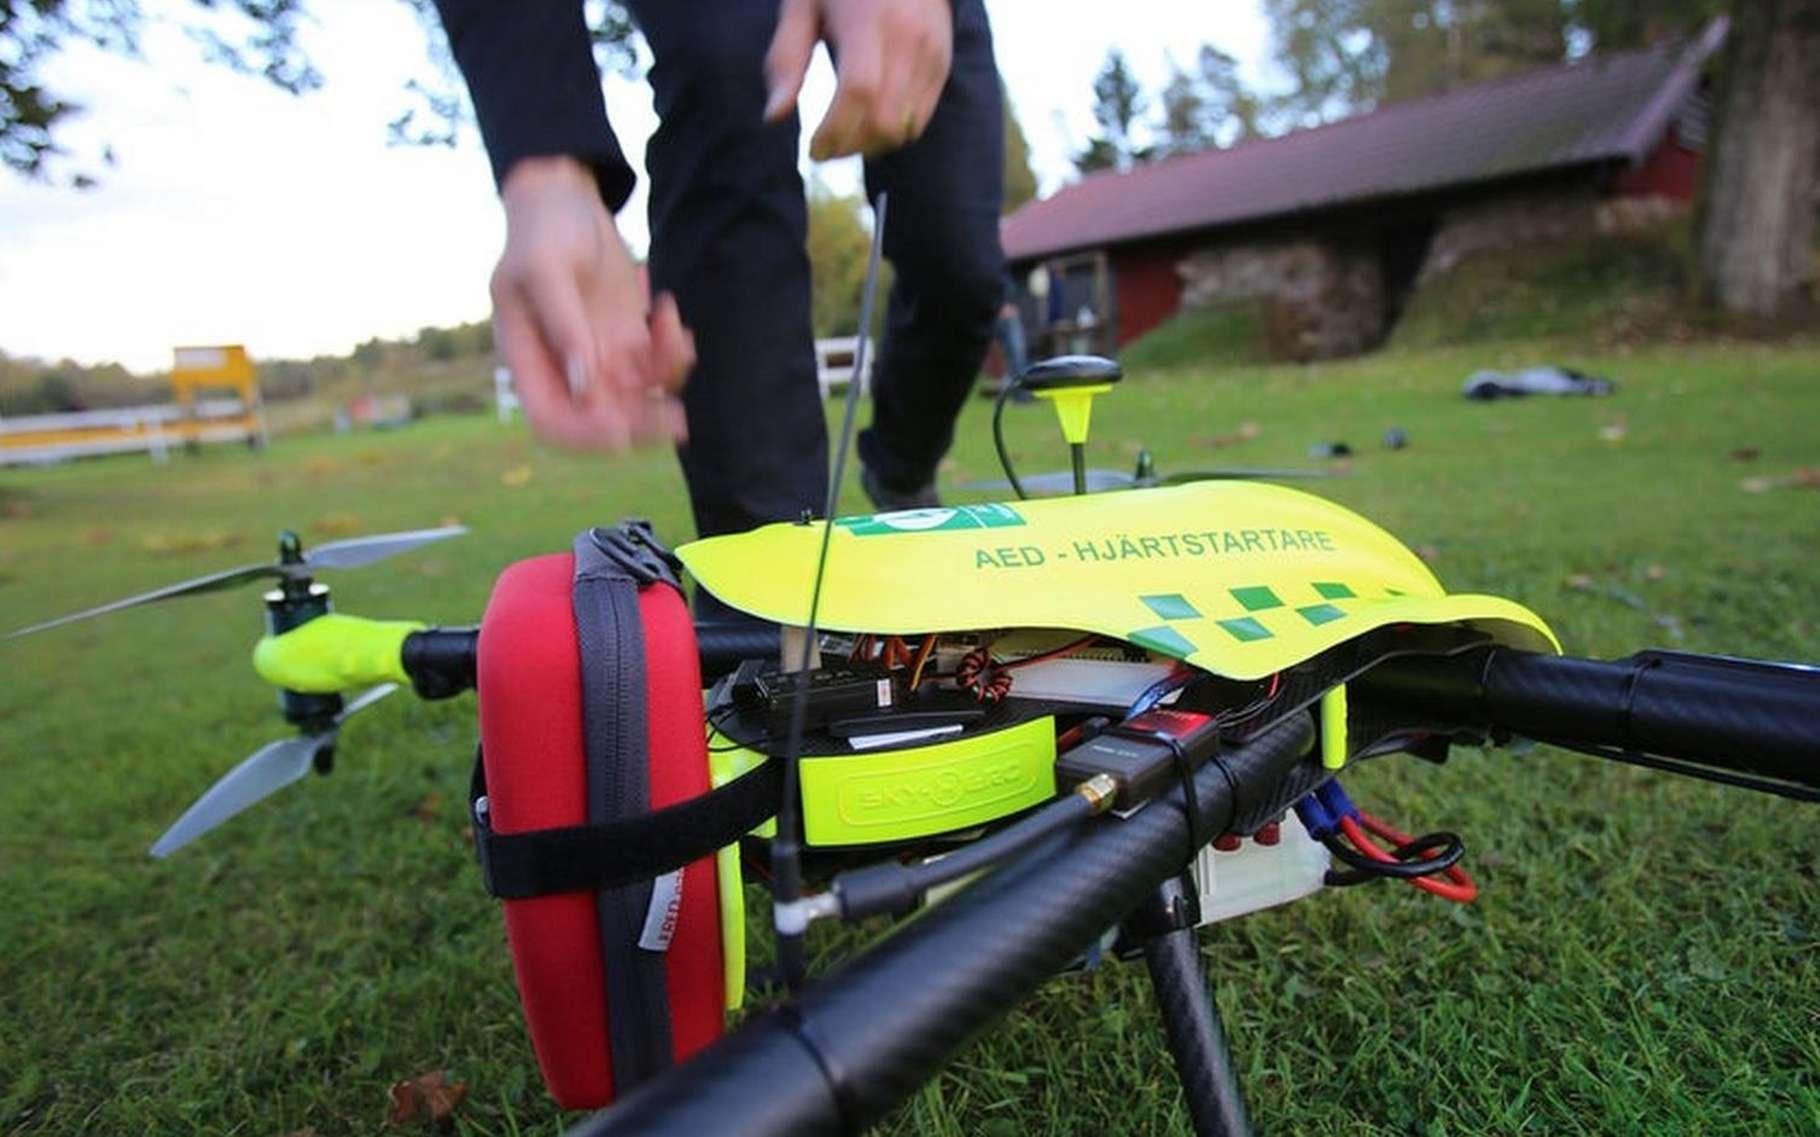 Le drone d'intervention FlyPulse embarque un défibrillateur automatique externe qui permet à quiconque de pratiquer une réanimation cardiaque sur une personne victime d'un arrêt du cœur. © FlyPulse